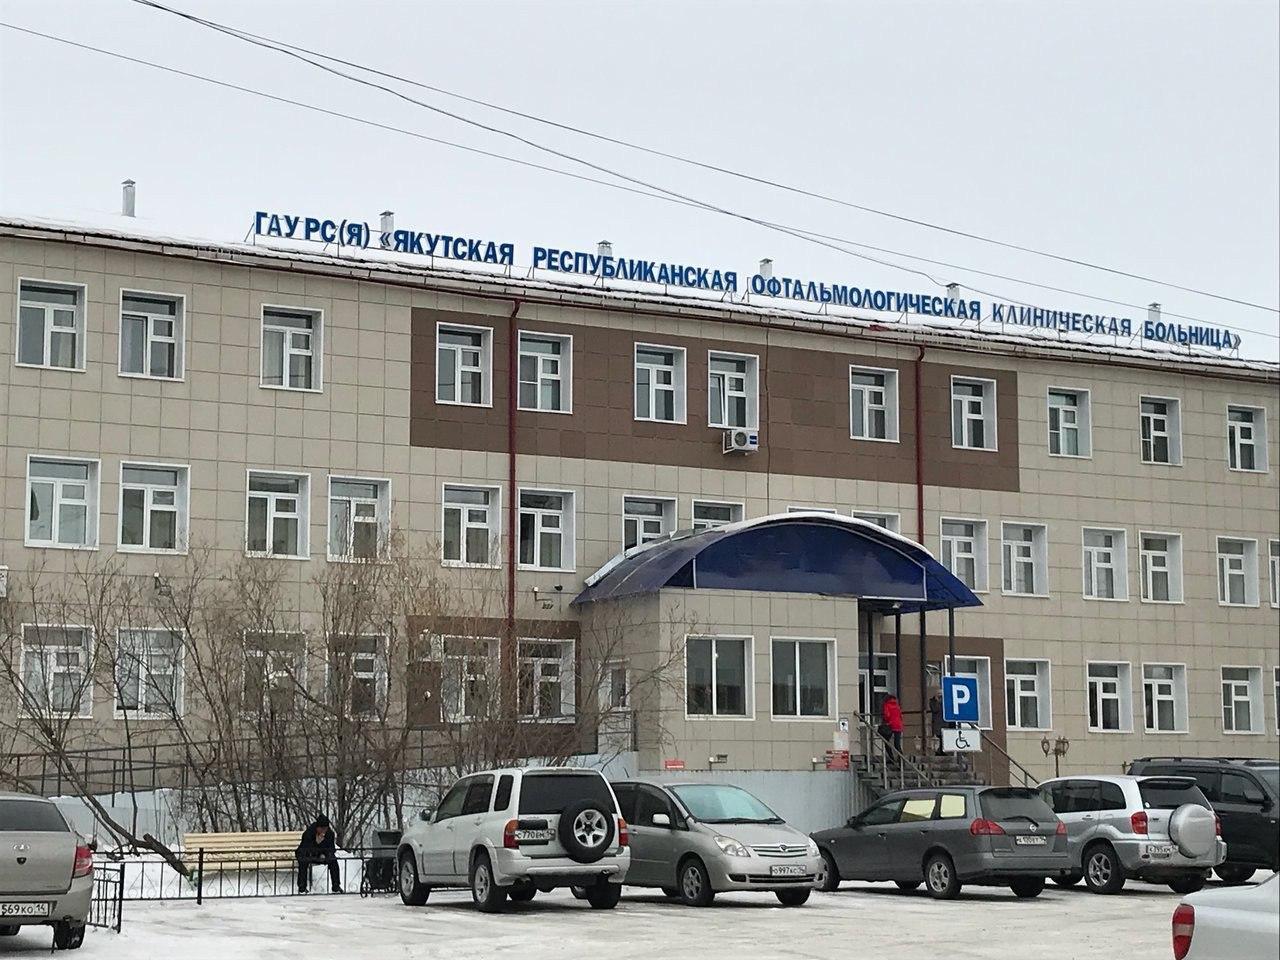 Иван Луцкан рассказал, как можно попасть на консультацию в офтальмологическую больницу в Якутске